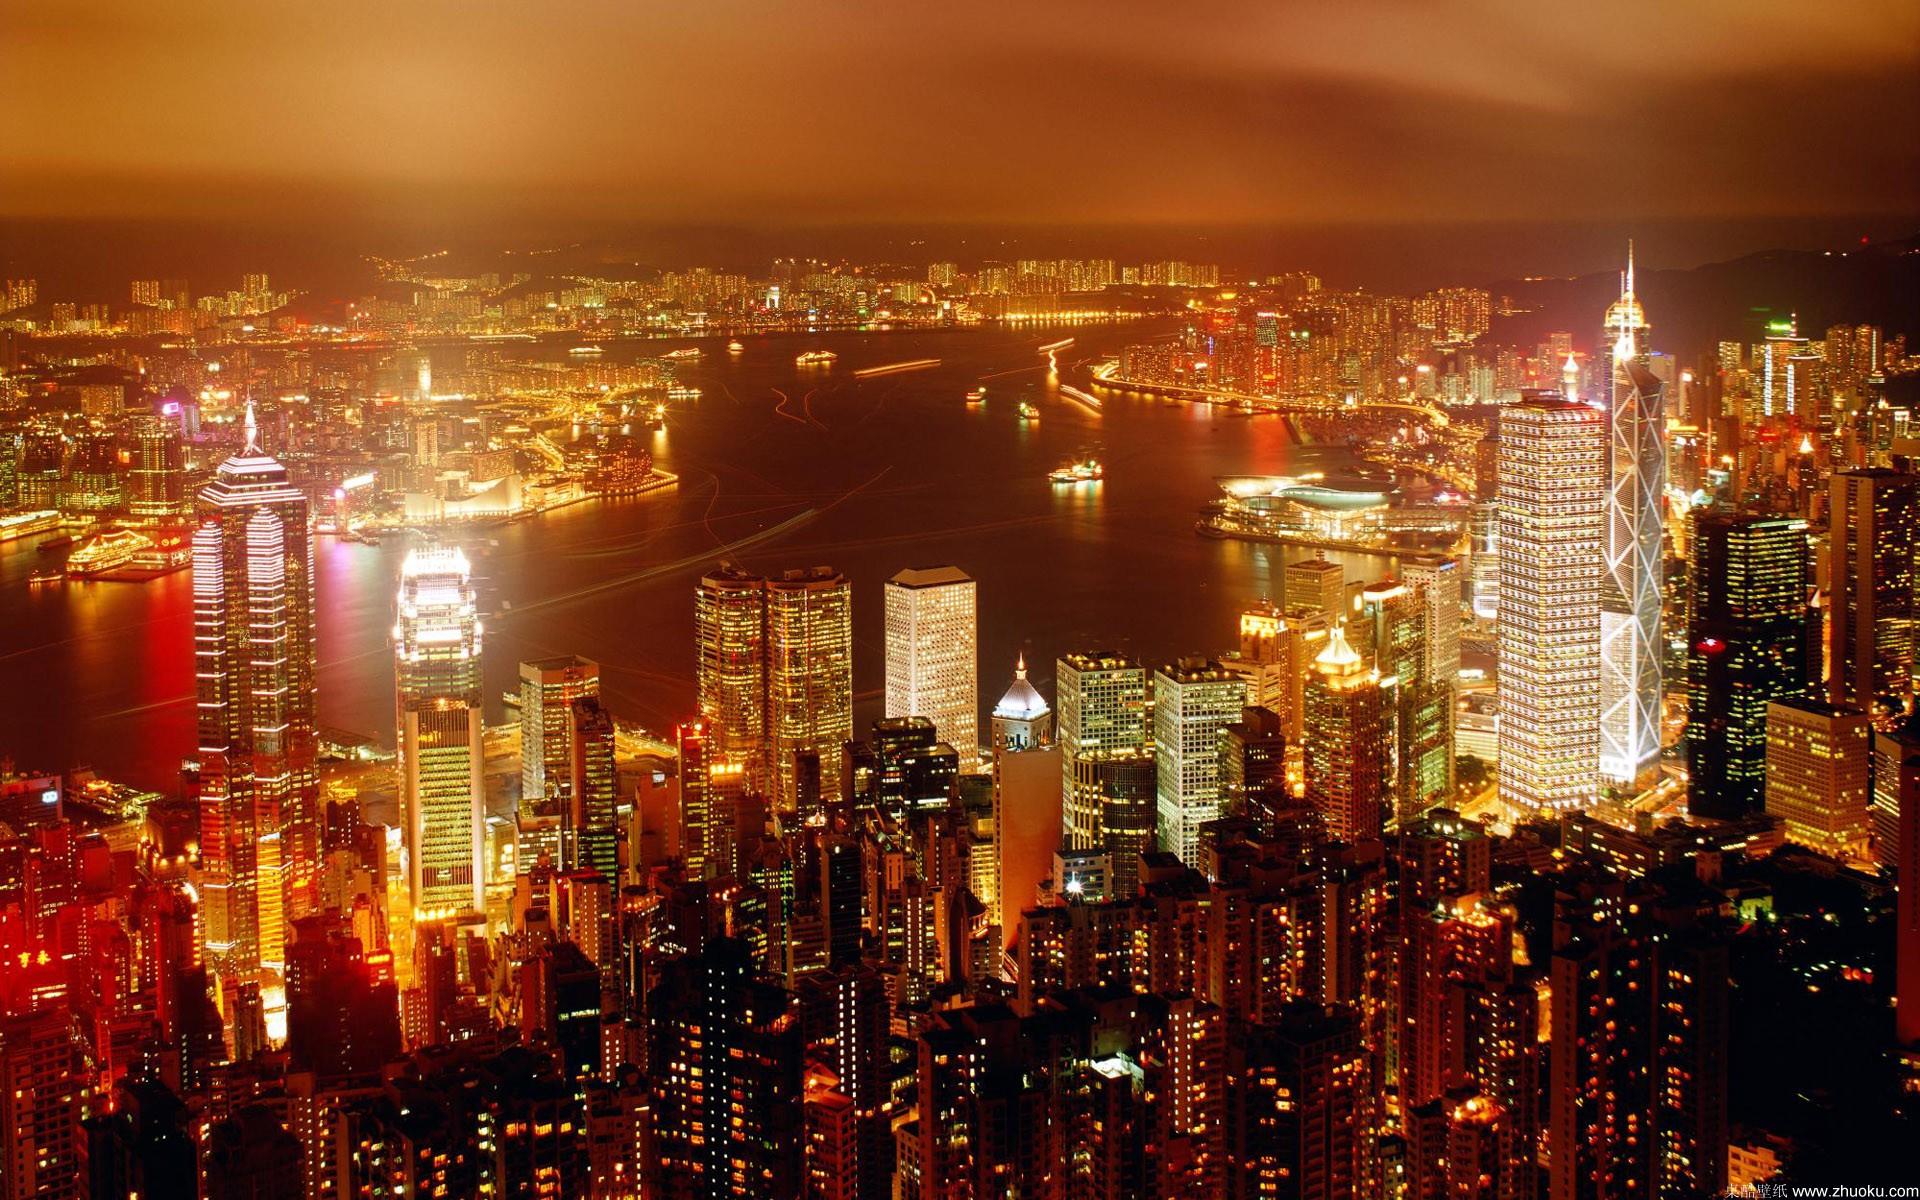 城市夜景-15-2壁纸,1920x1080像素壁纸